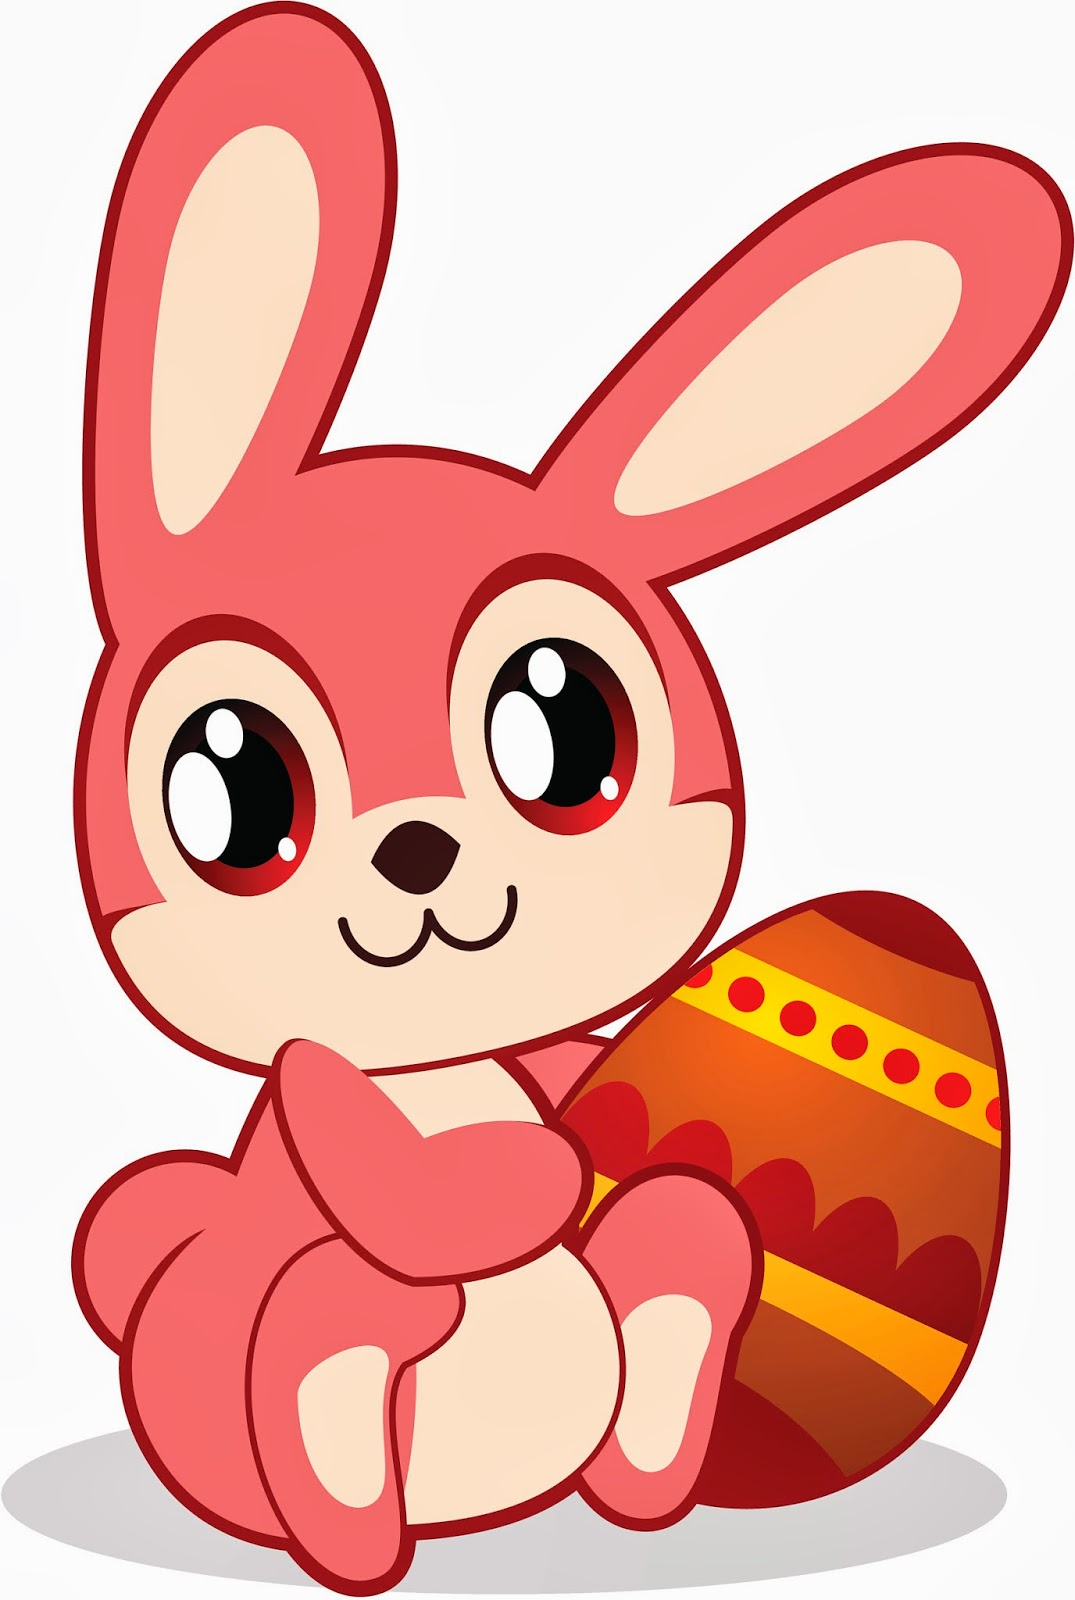 Imagenes Para Regalar: Dibujos de conejos de Pascua